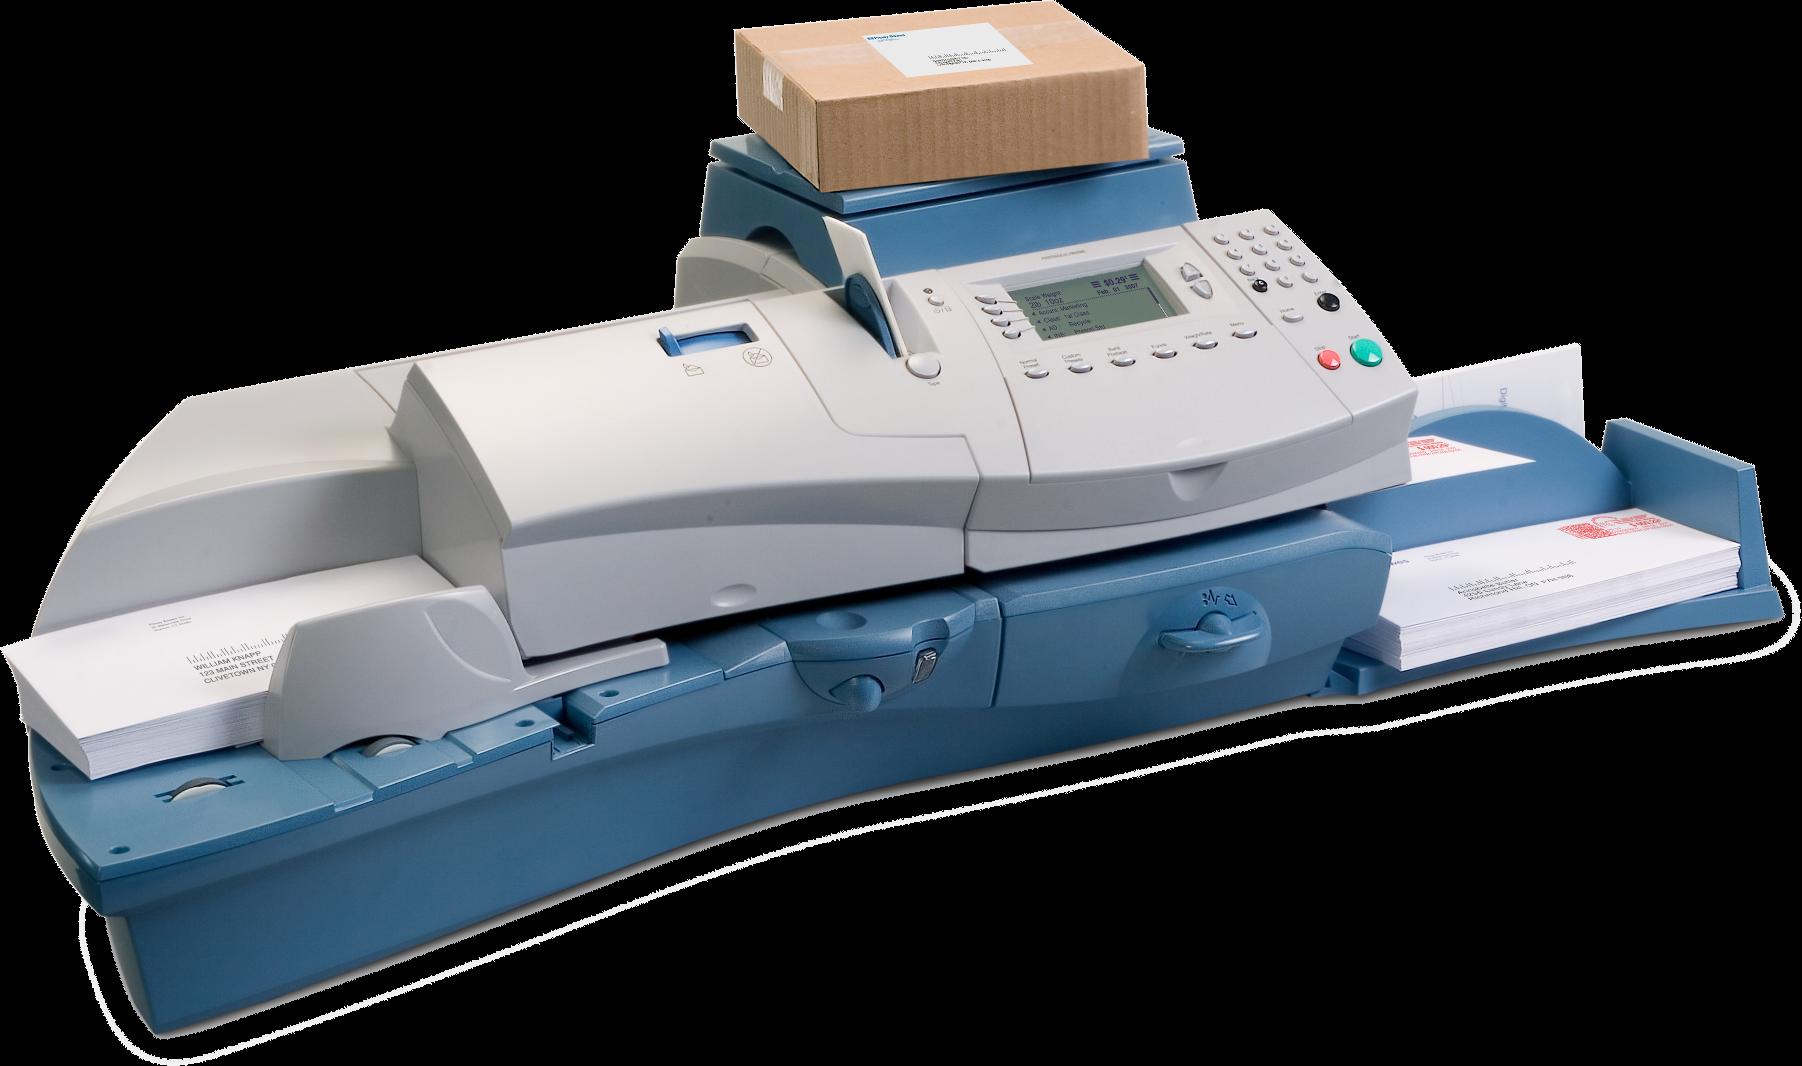 DM400 digital autofeed postage meter